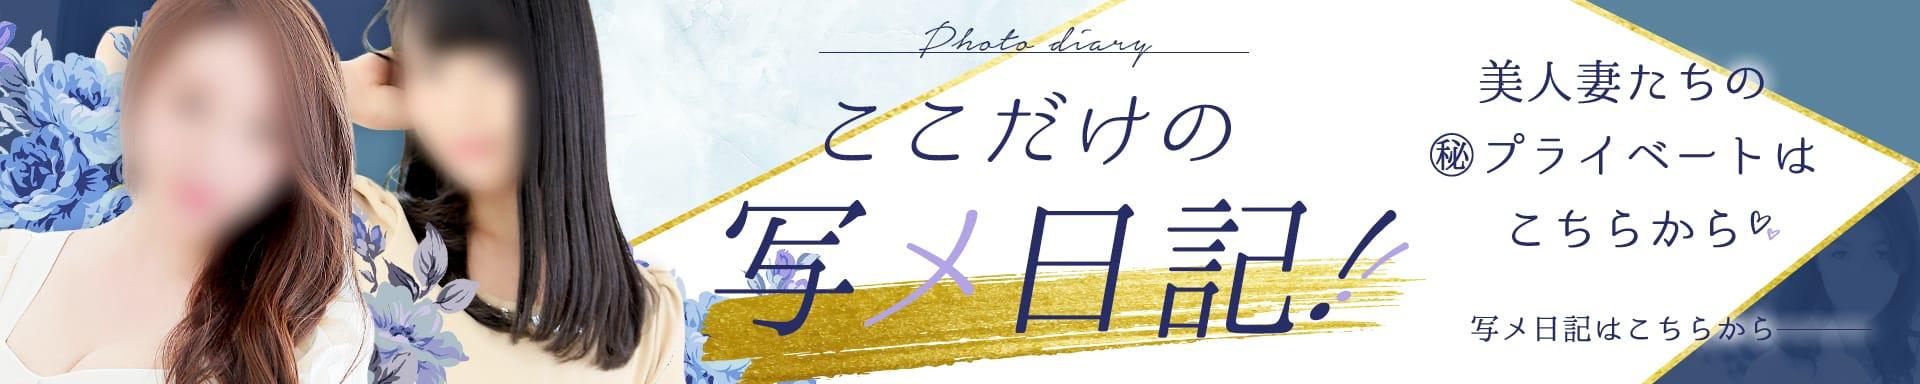 華恋人(カレント) その3